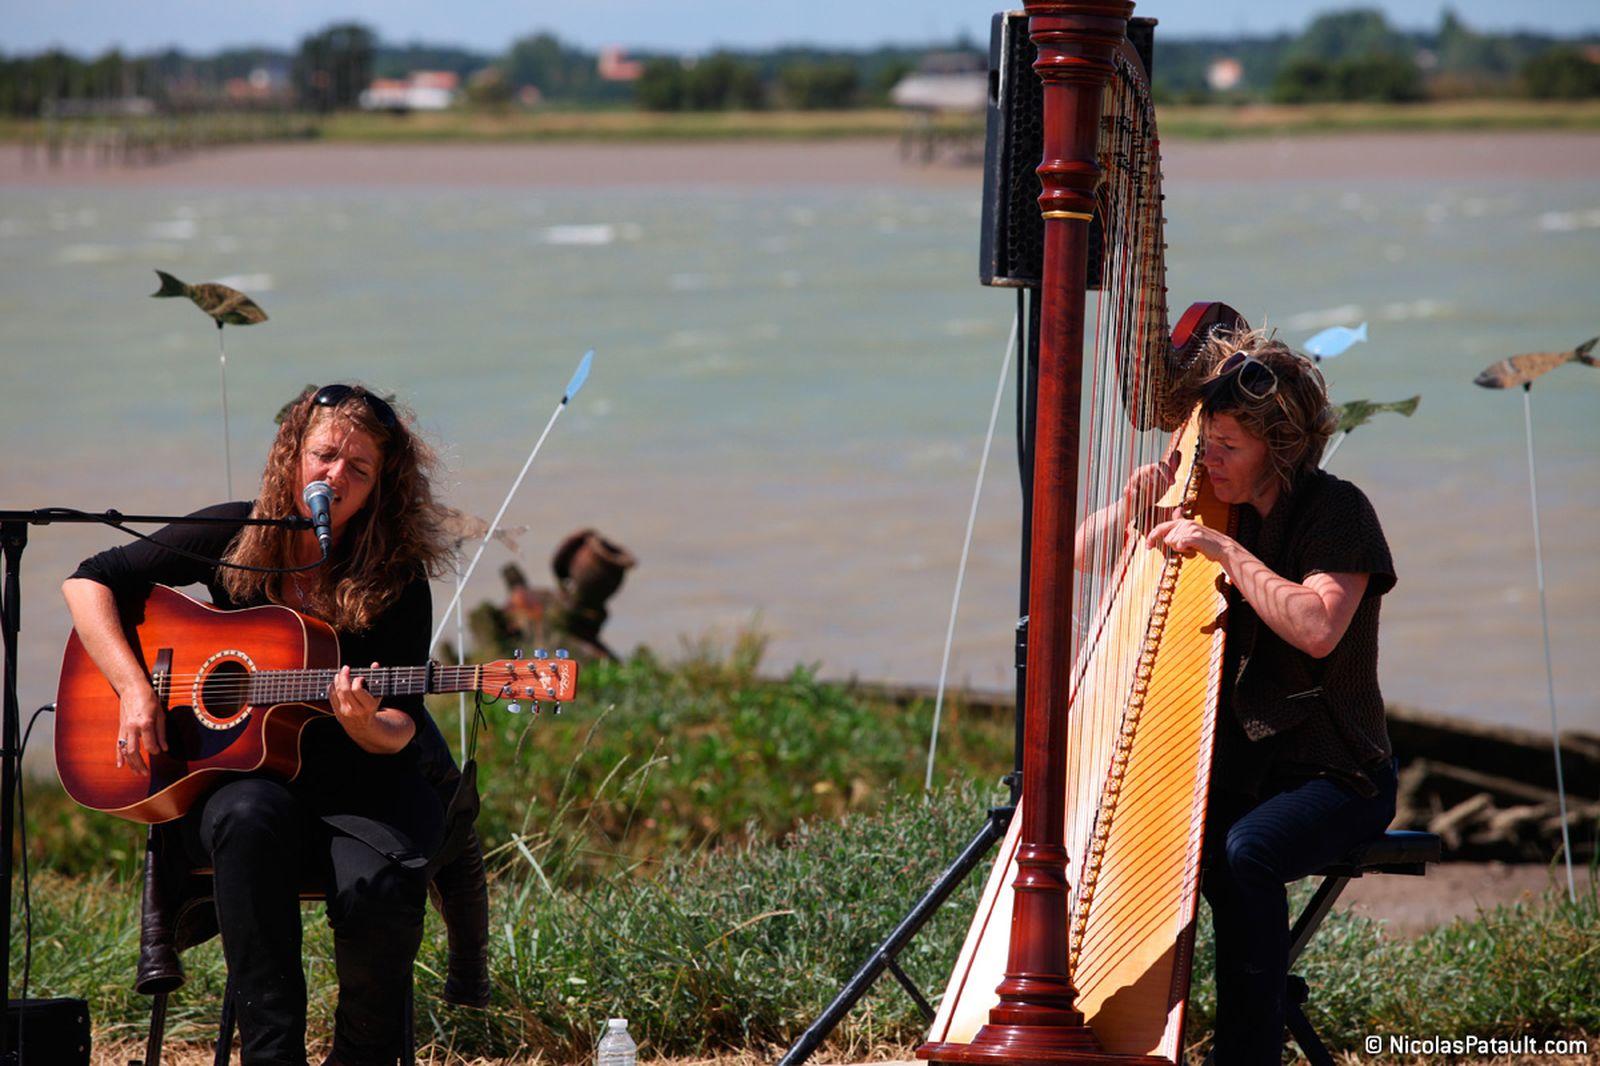 St Nazaire-sur-Charente - 06/07/2014